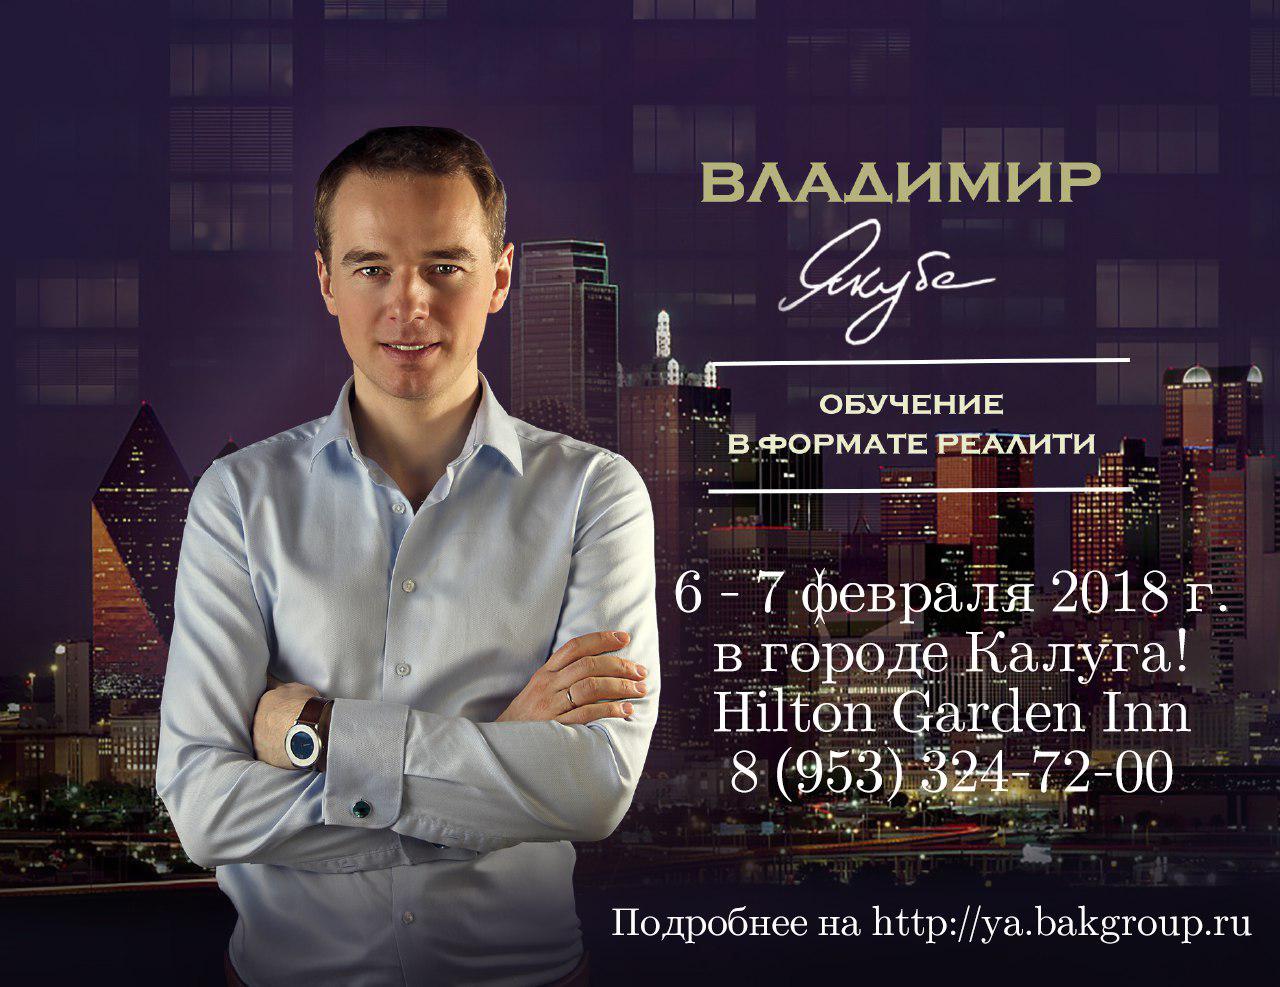 Бизнес-тренинг Владимира Якуба